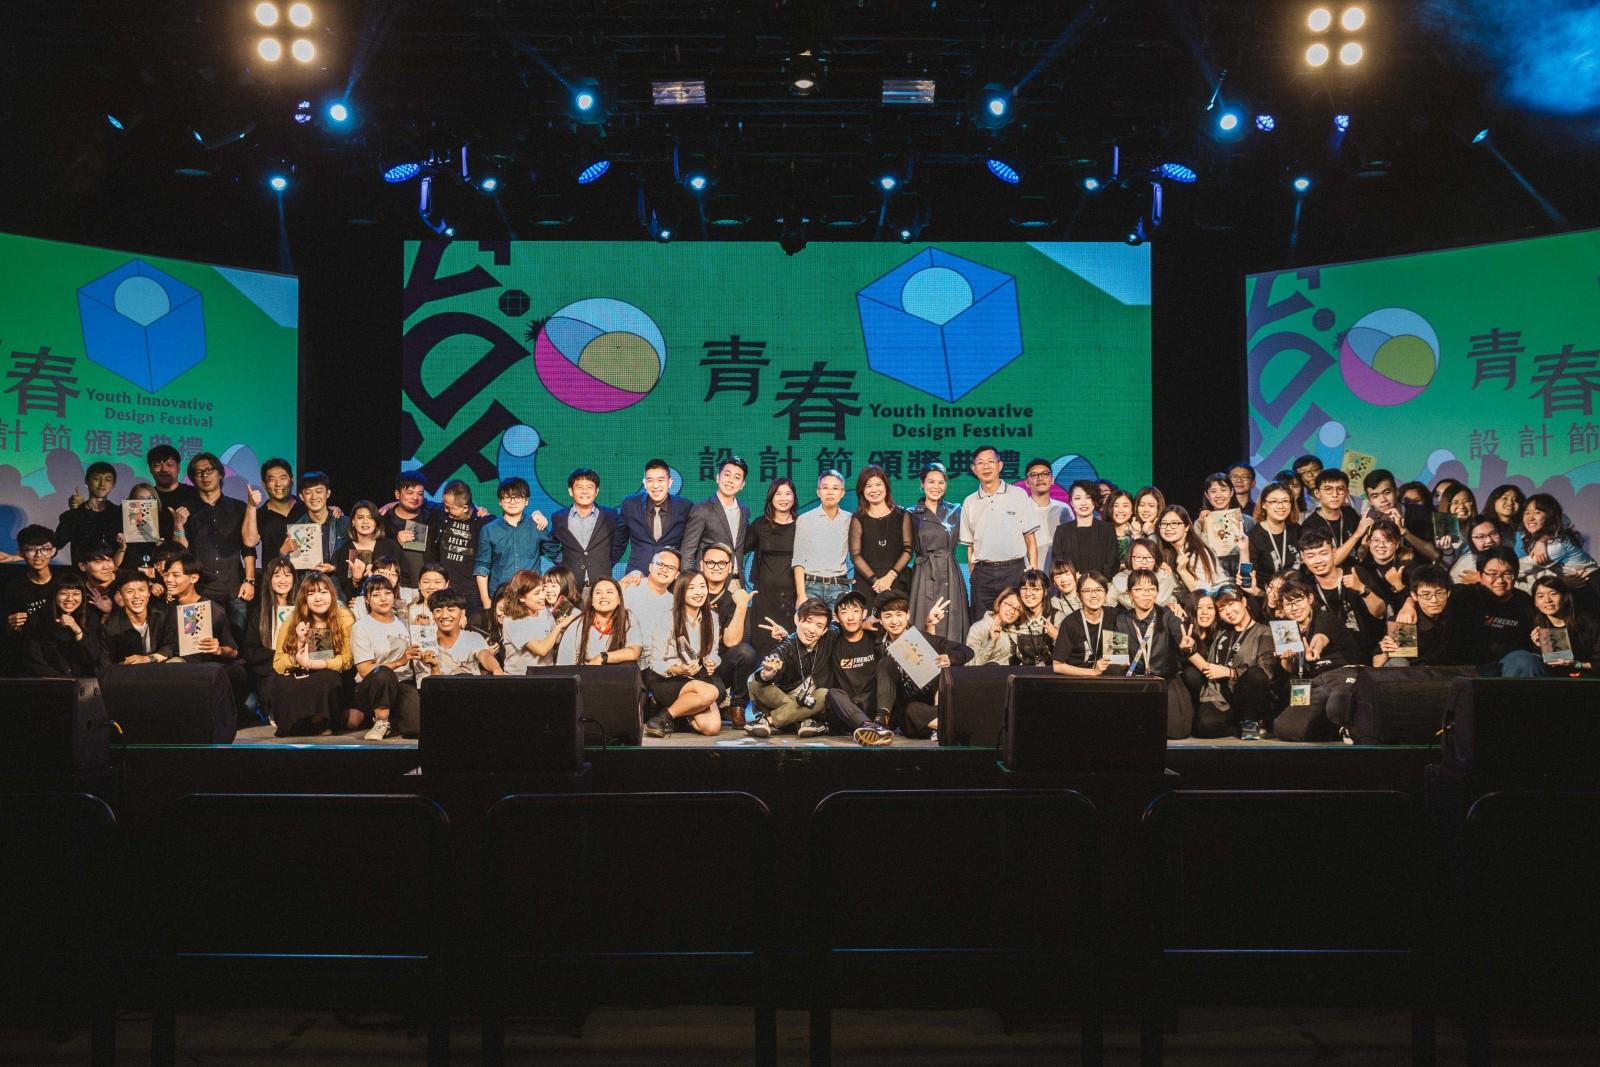 2019青春設計節閉幕 頒出百萬獎金